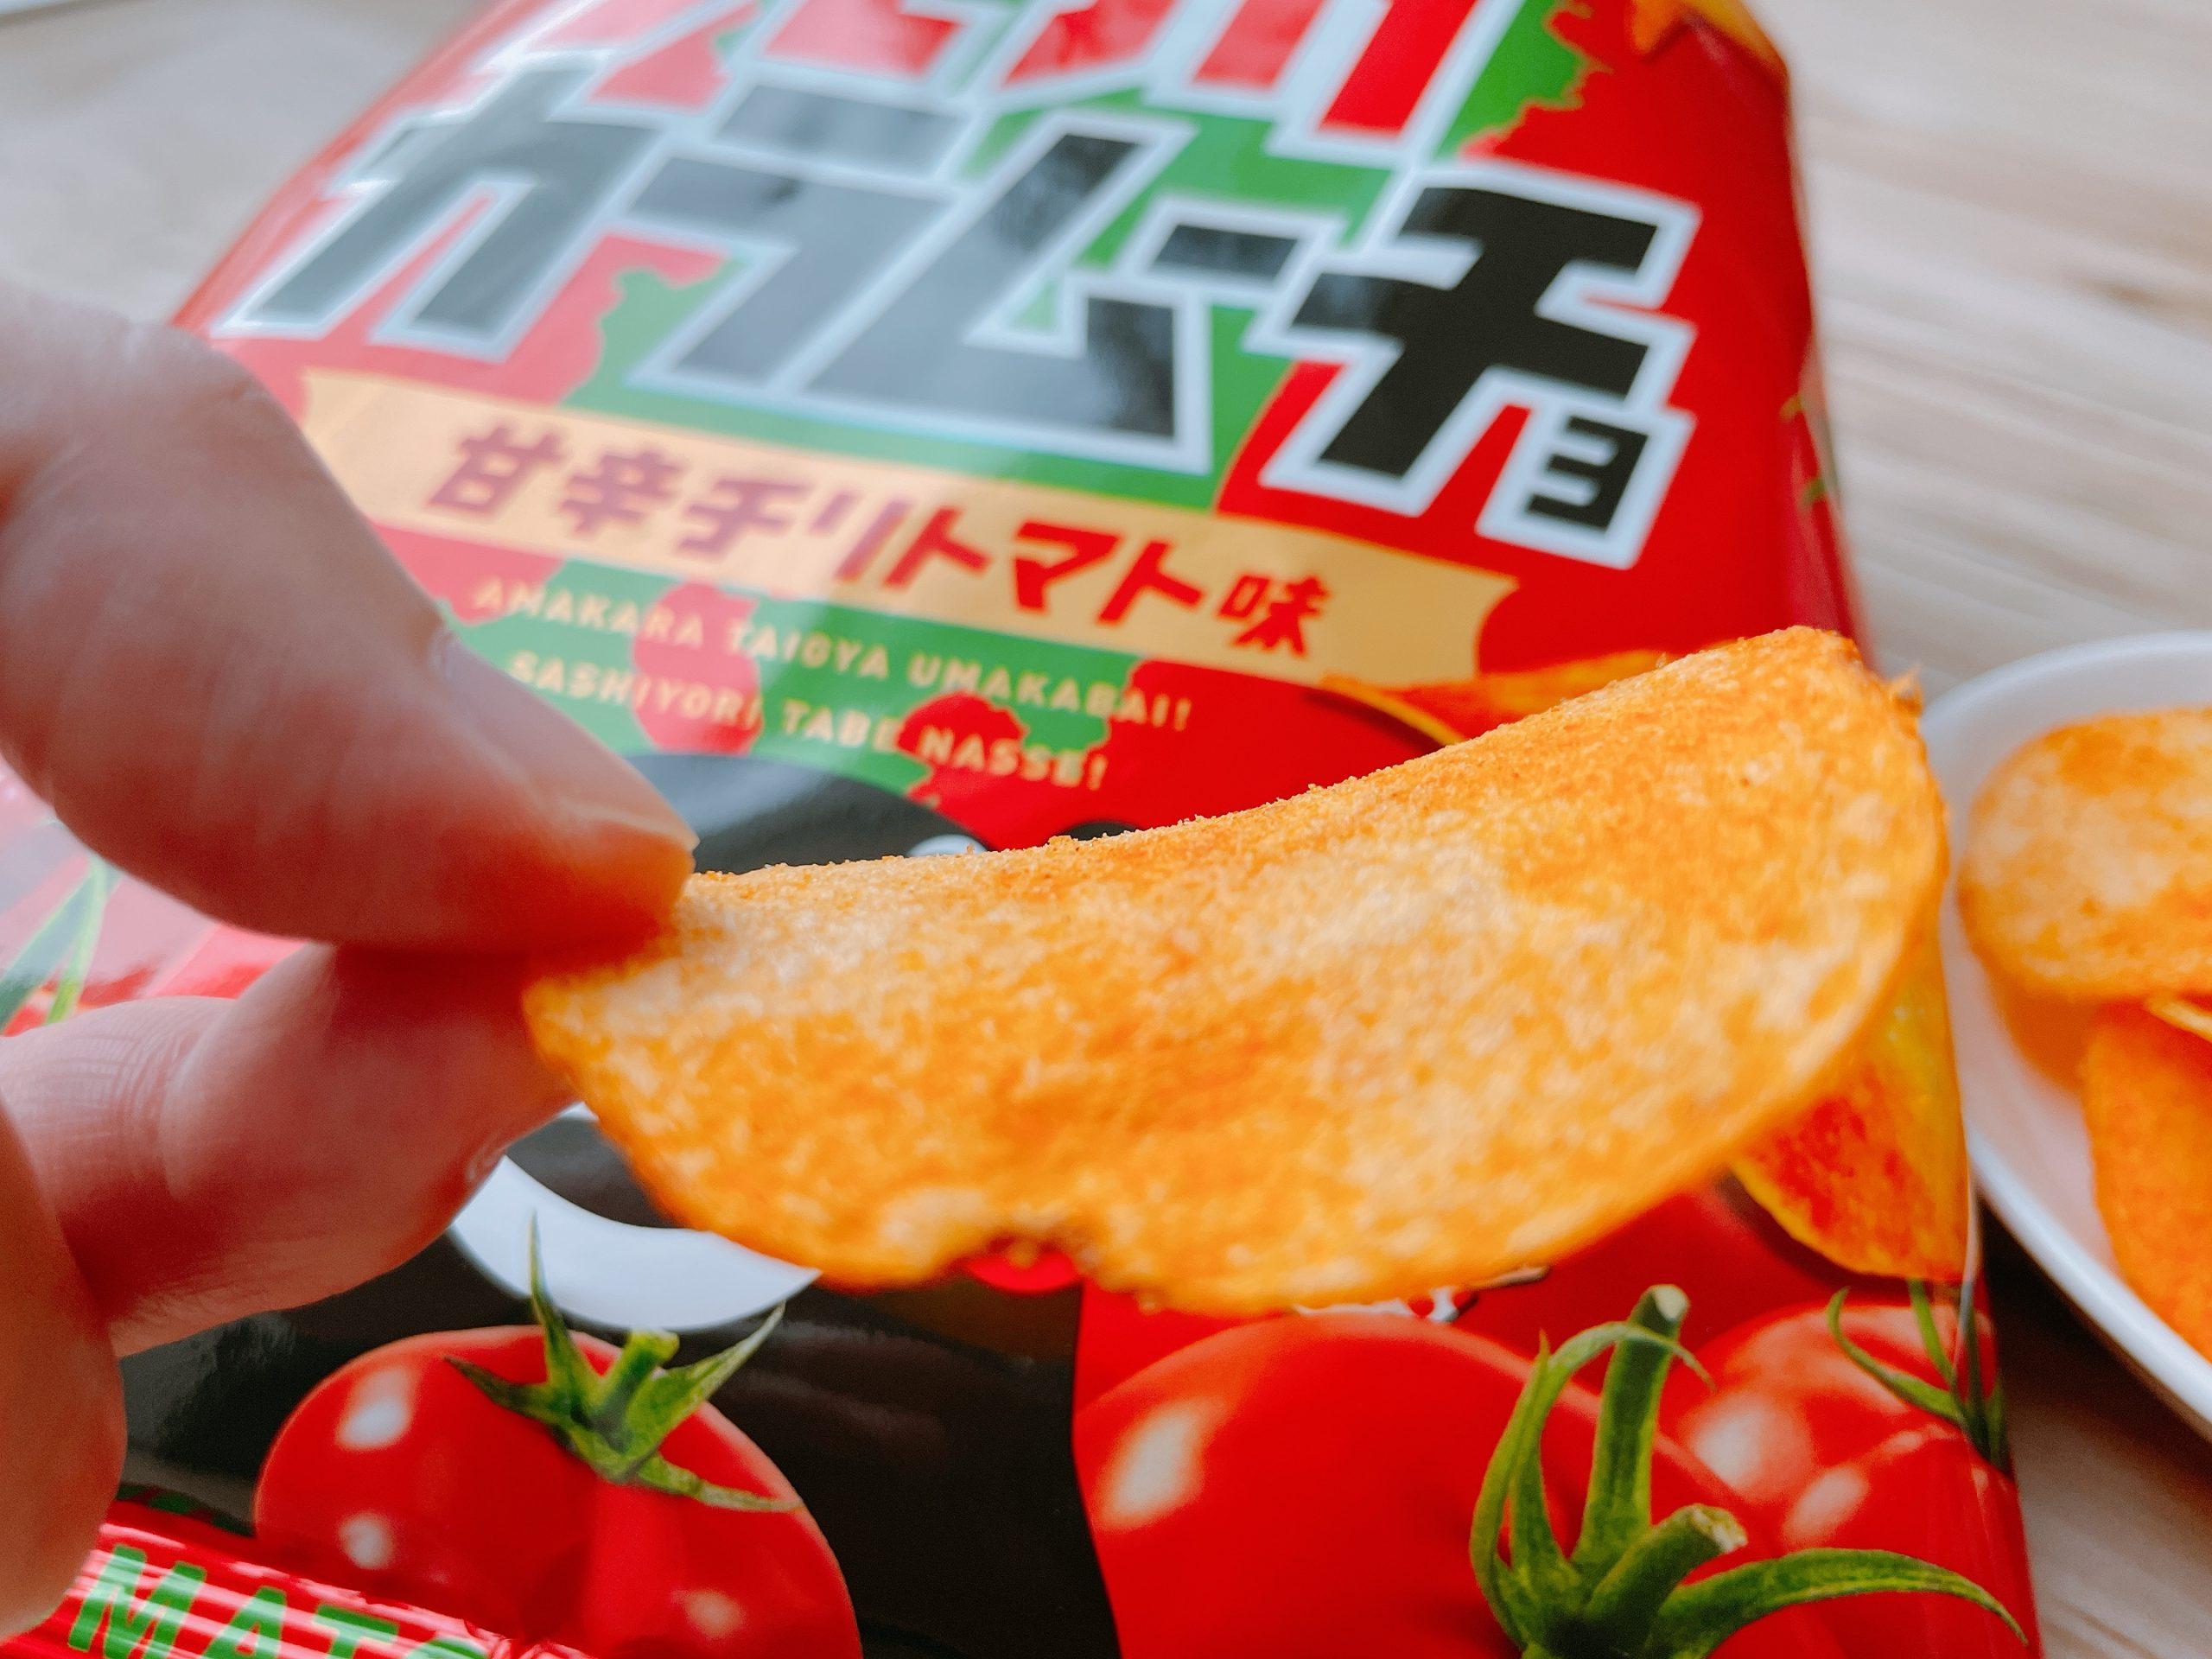 九州カラムーチョ<甘辛チリトマト>トマトと唐辛子のバランスが絶妙